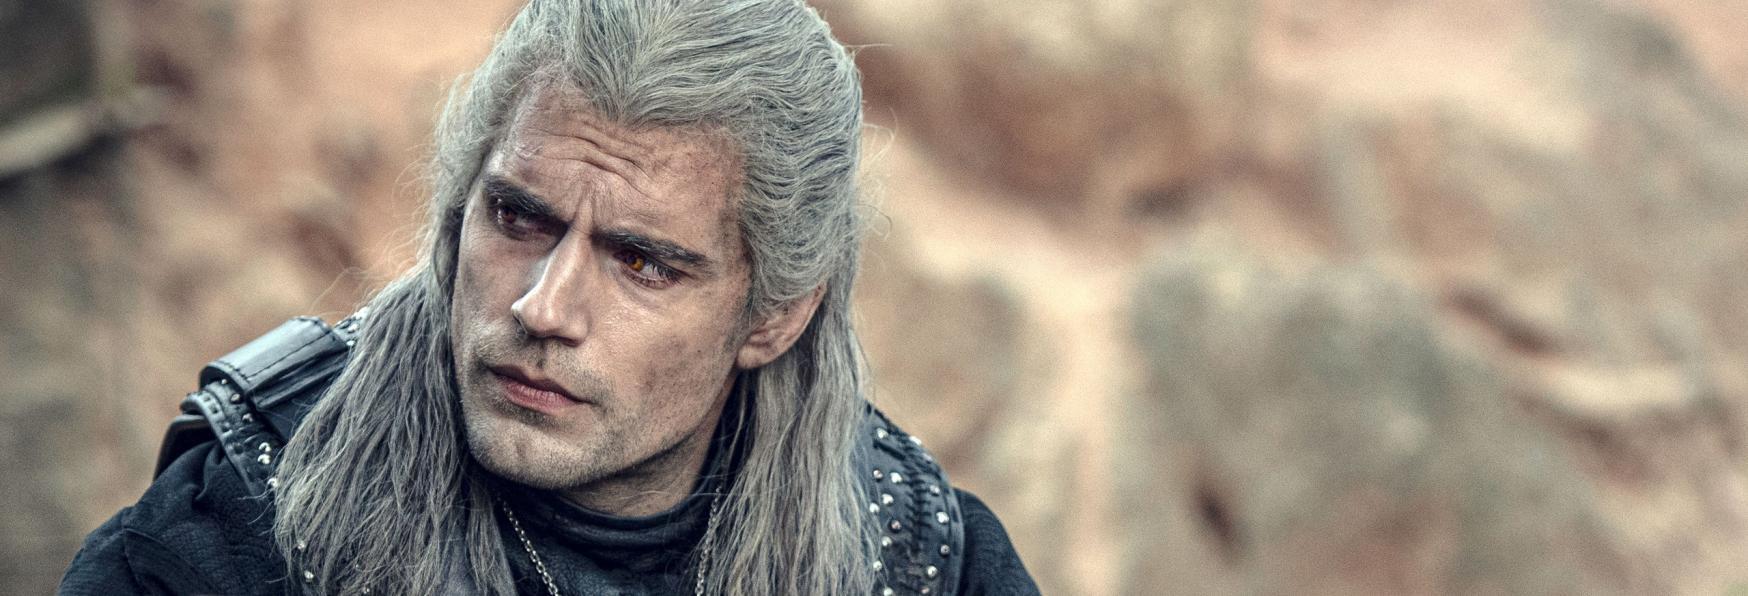 The Witcher 2: Pubblicata una nuova Immagine di Geralt di Rivia